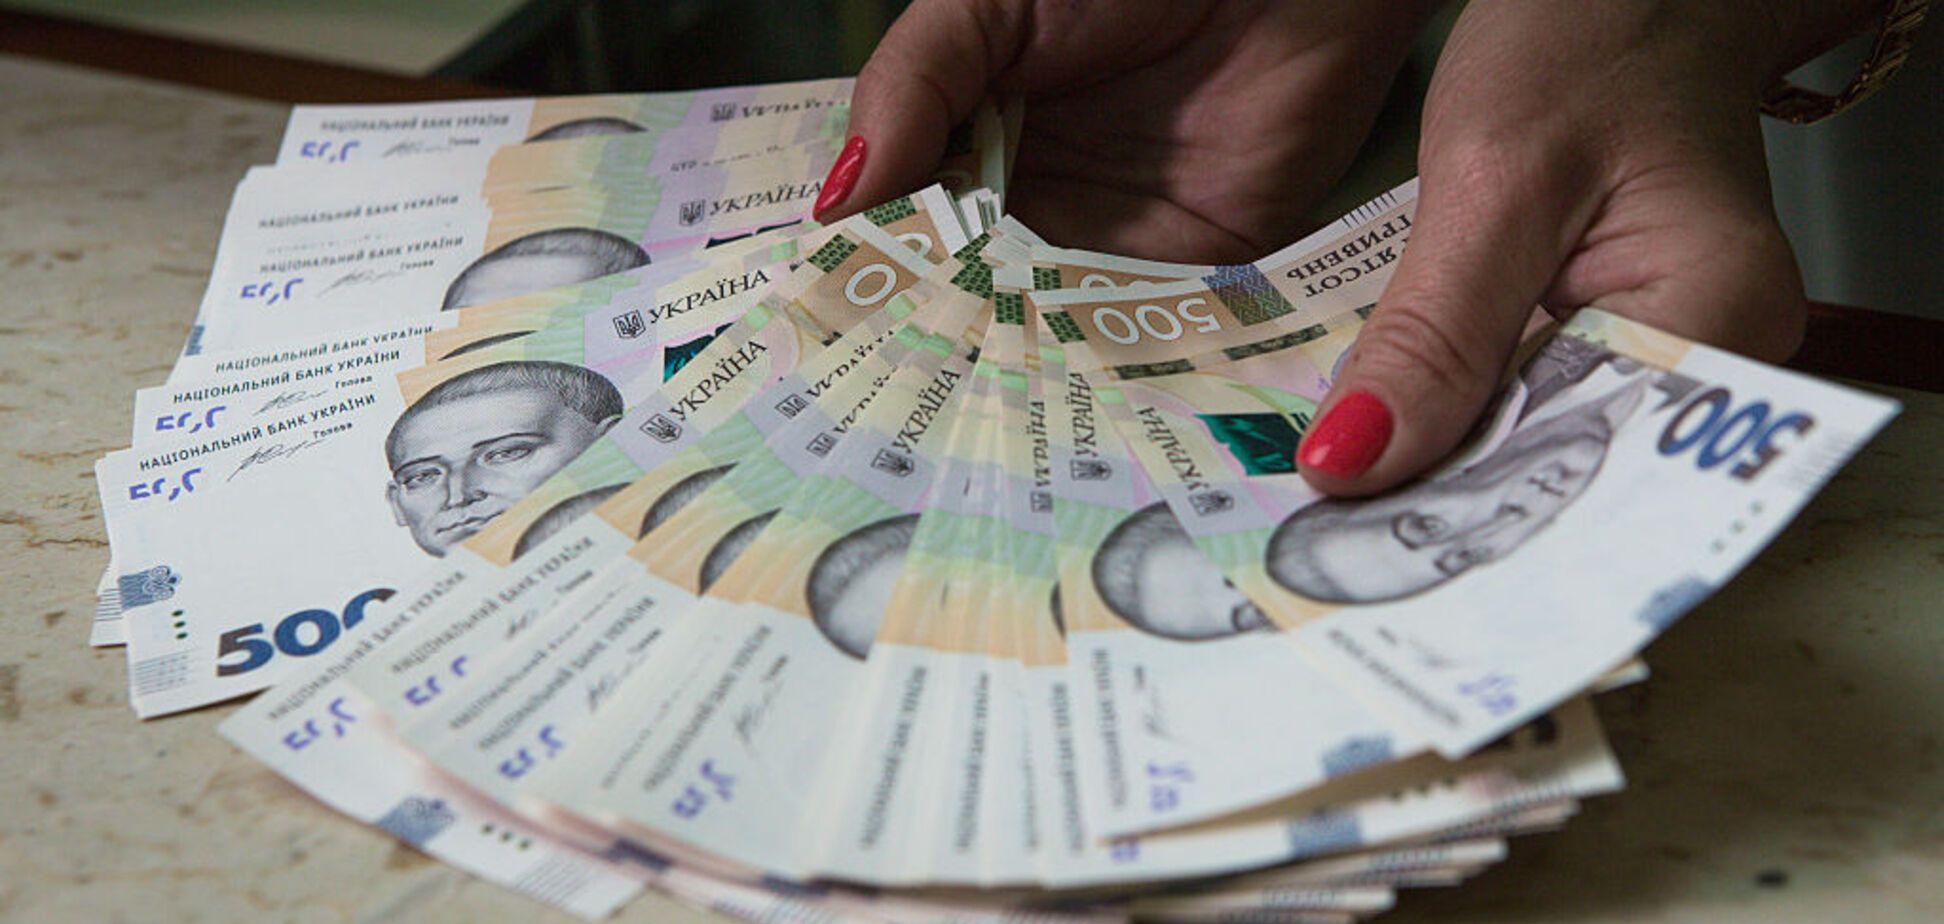 В Раде хотят поднять зарплаты нардепам: сколько они будут получать